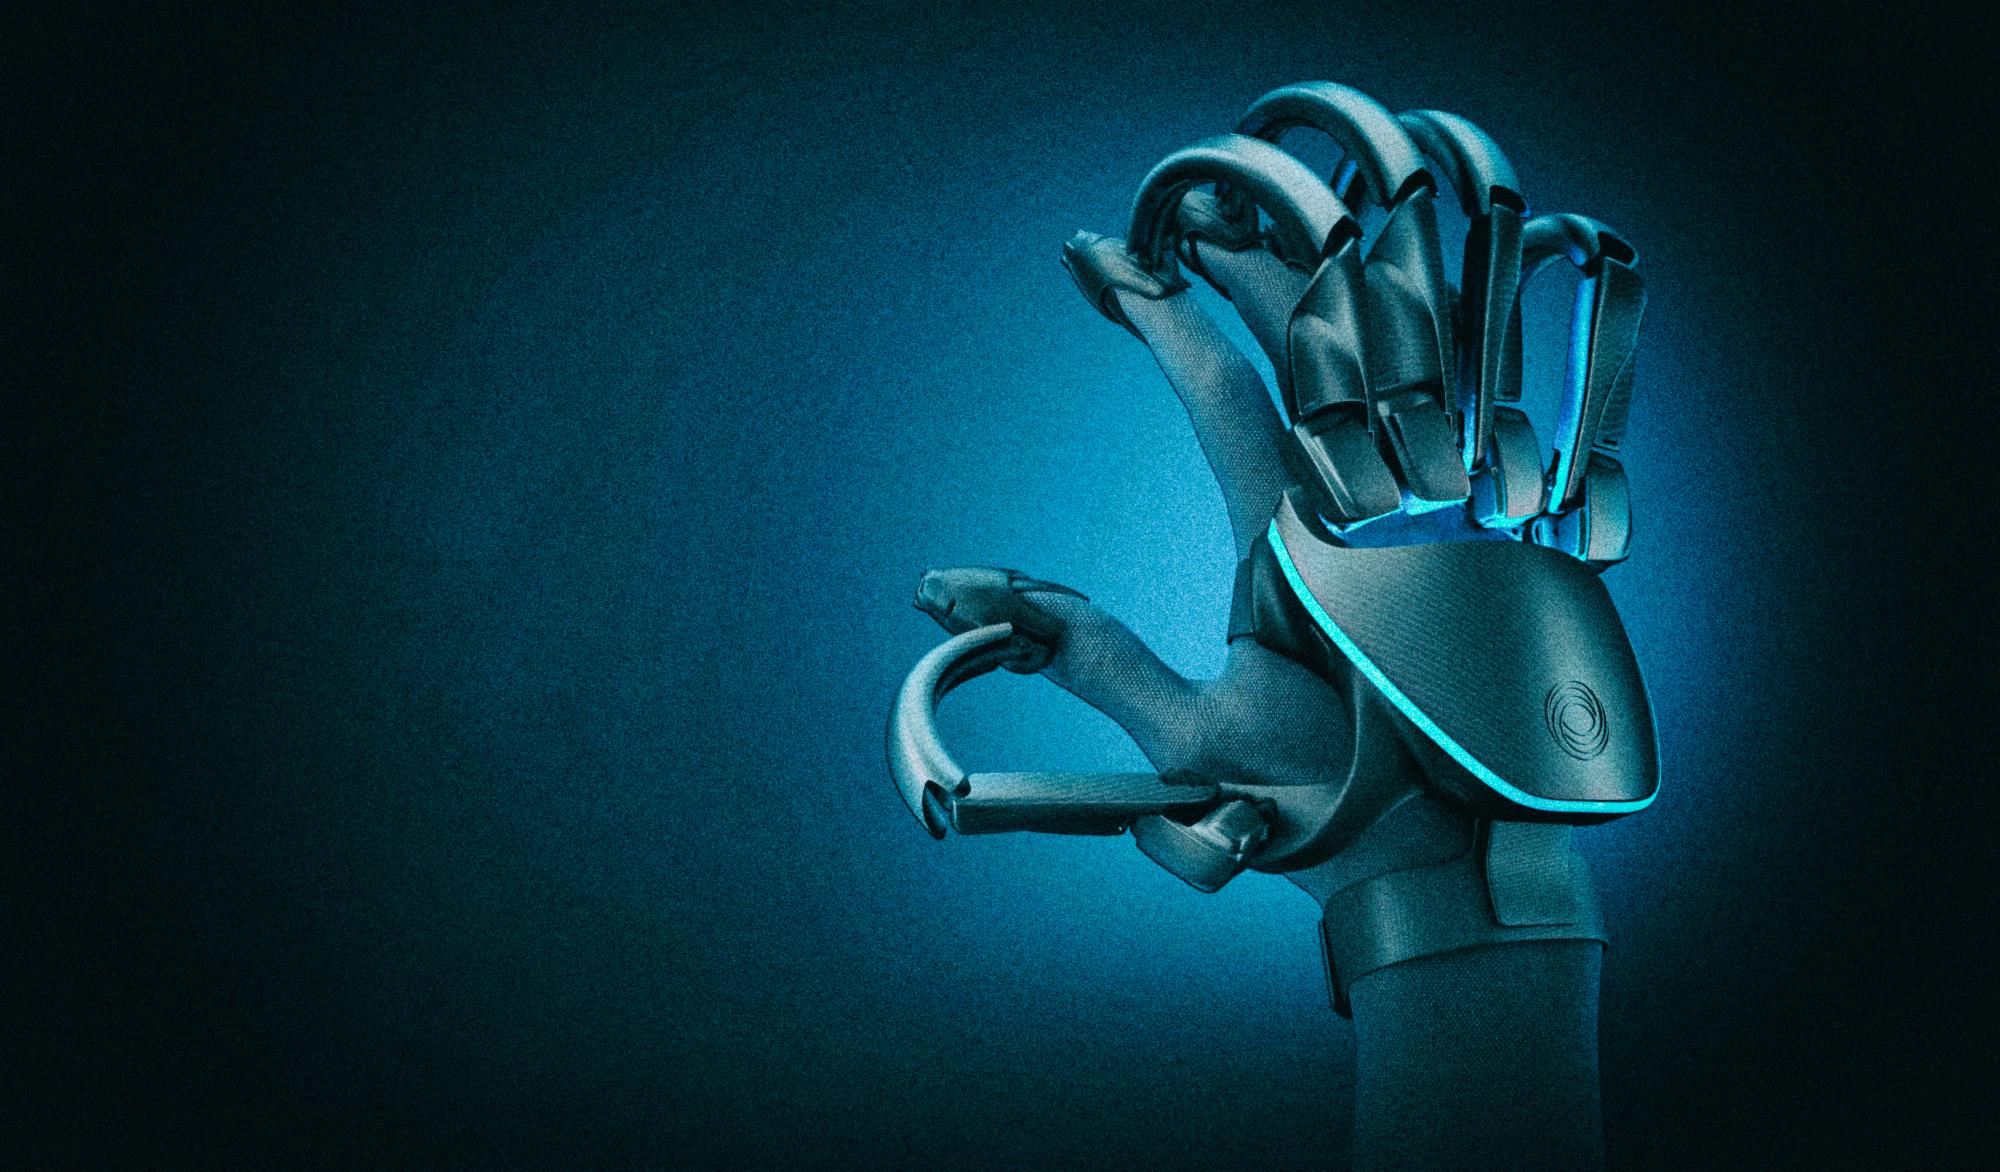 Разработана перчатка, позволяющая пользователю чувствовать виртуальные предметы